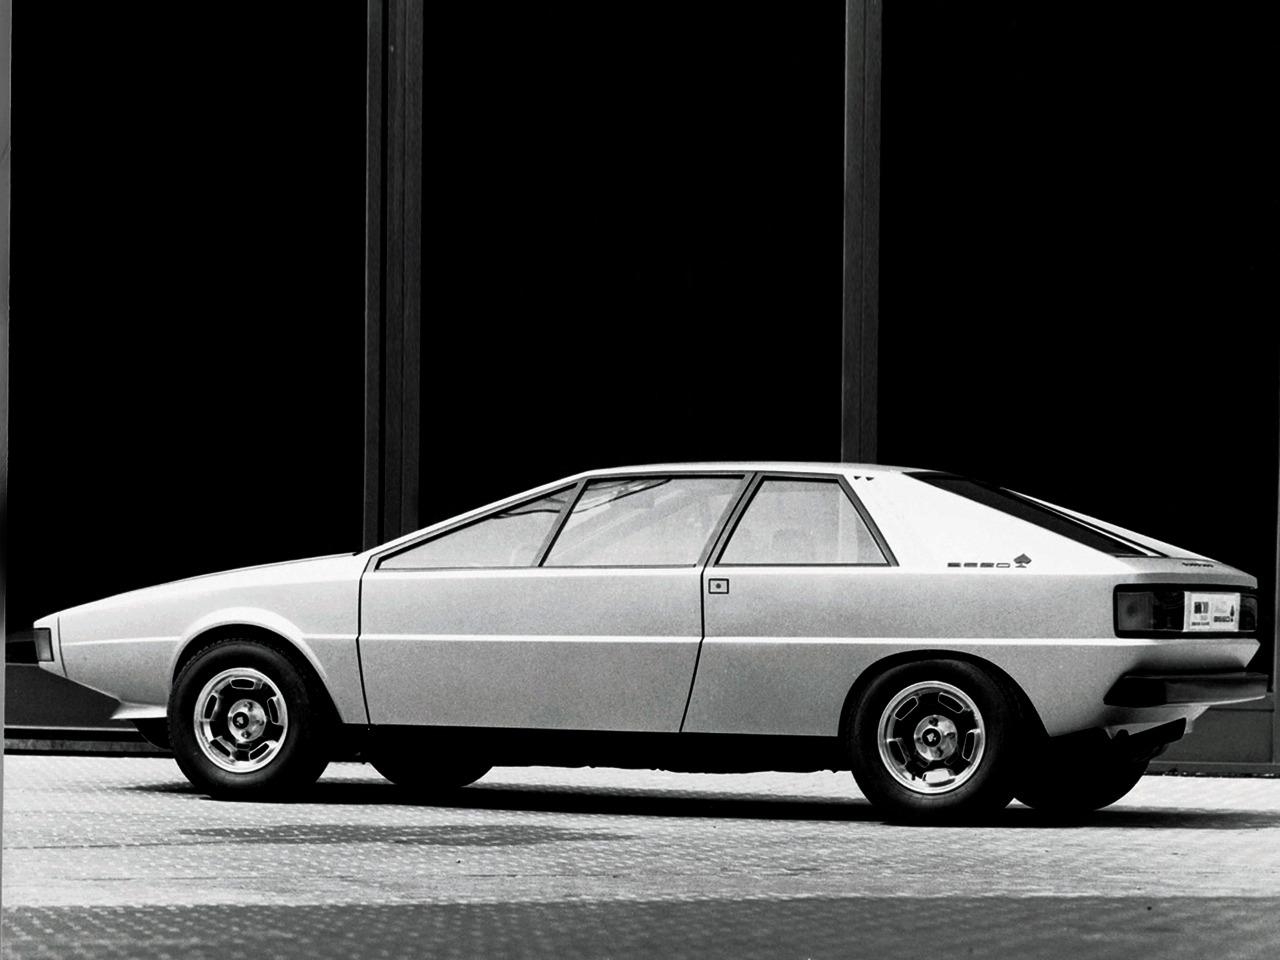 Audi Asso Di Picche Concept (1973)